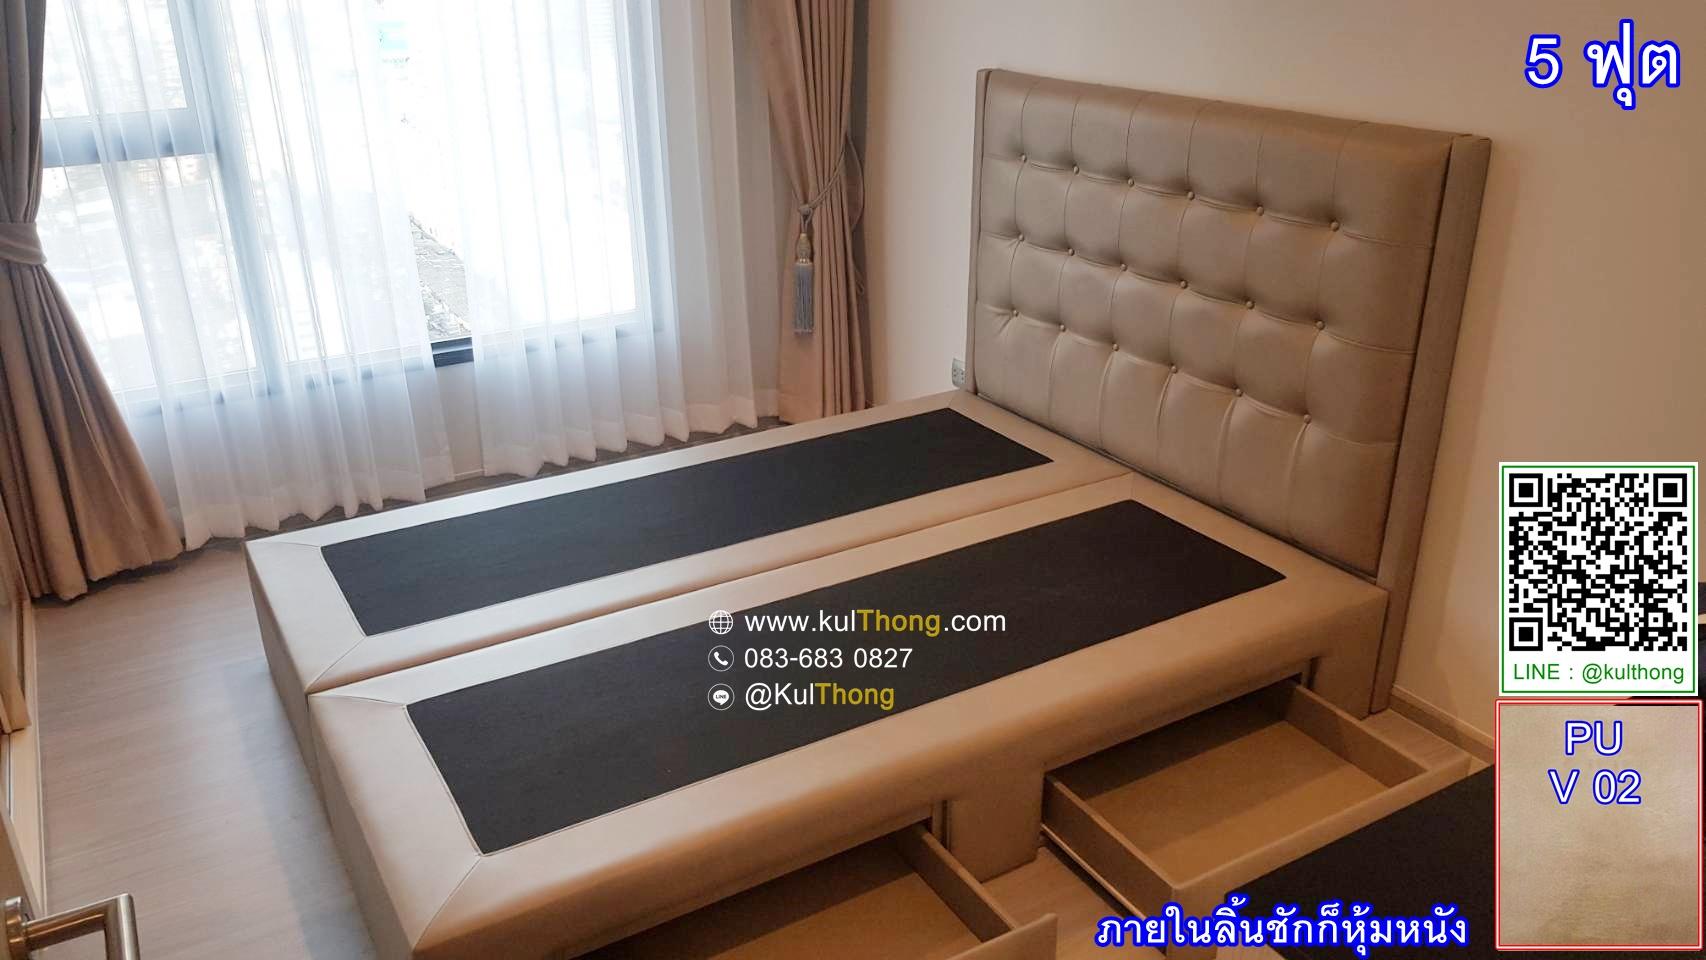 ฐานรองที่นอน เตียงลิ้นชักหุ้มหนัง เตียงเก็บของ เตียงสั่งทำ